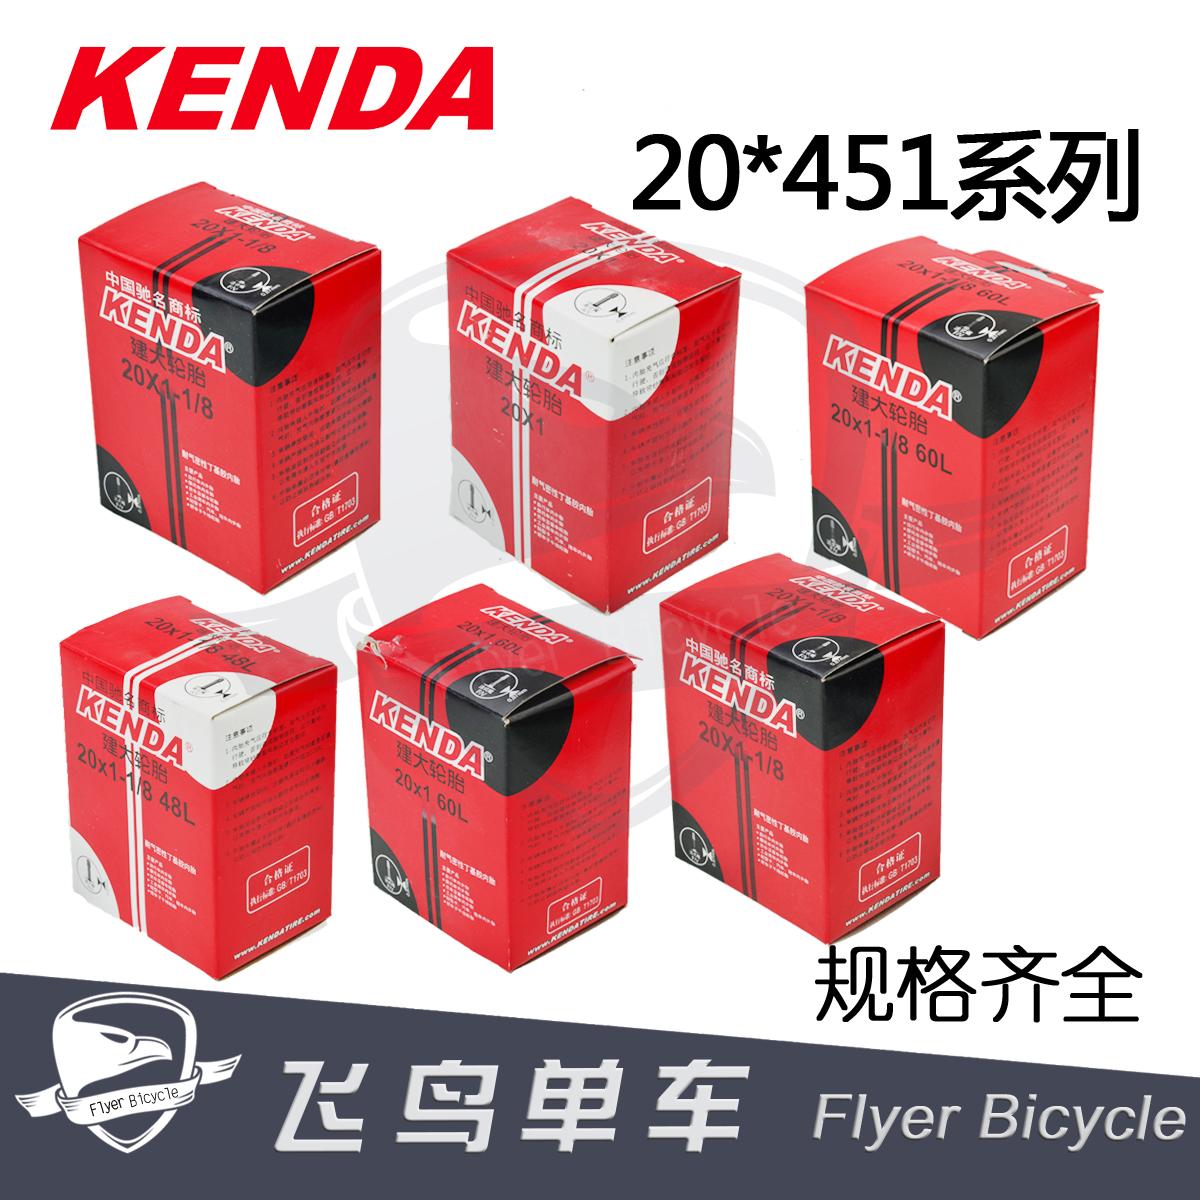 盒装Kenda建大 20*1-1/8 451 美嘴 法嘴内胎 48/60mm 加长嘴